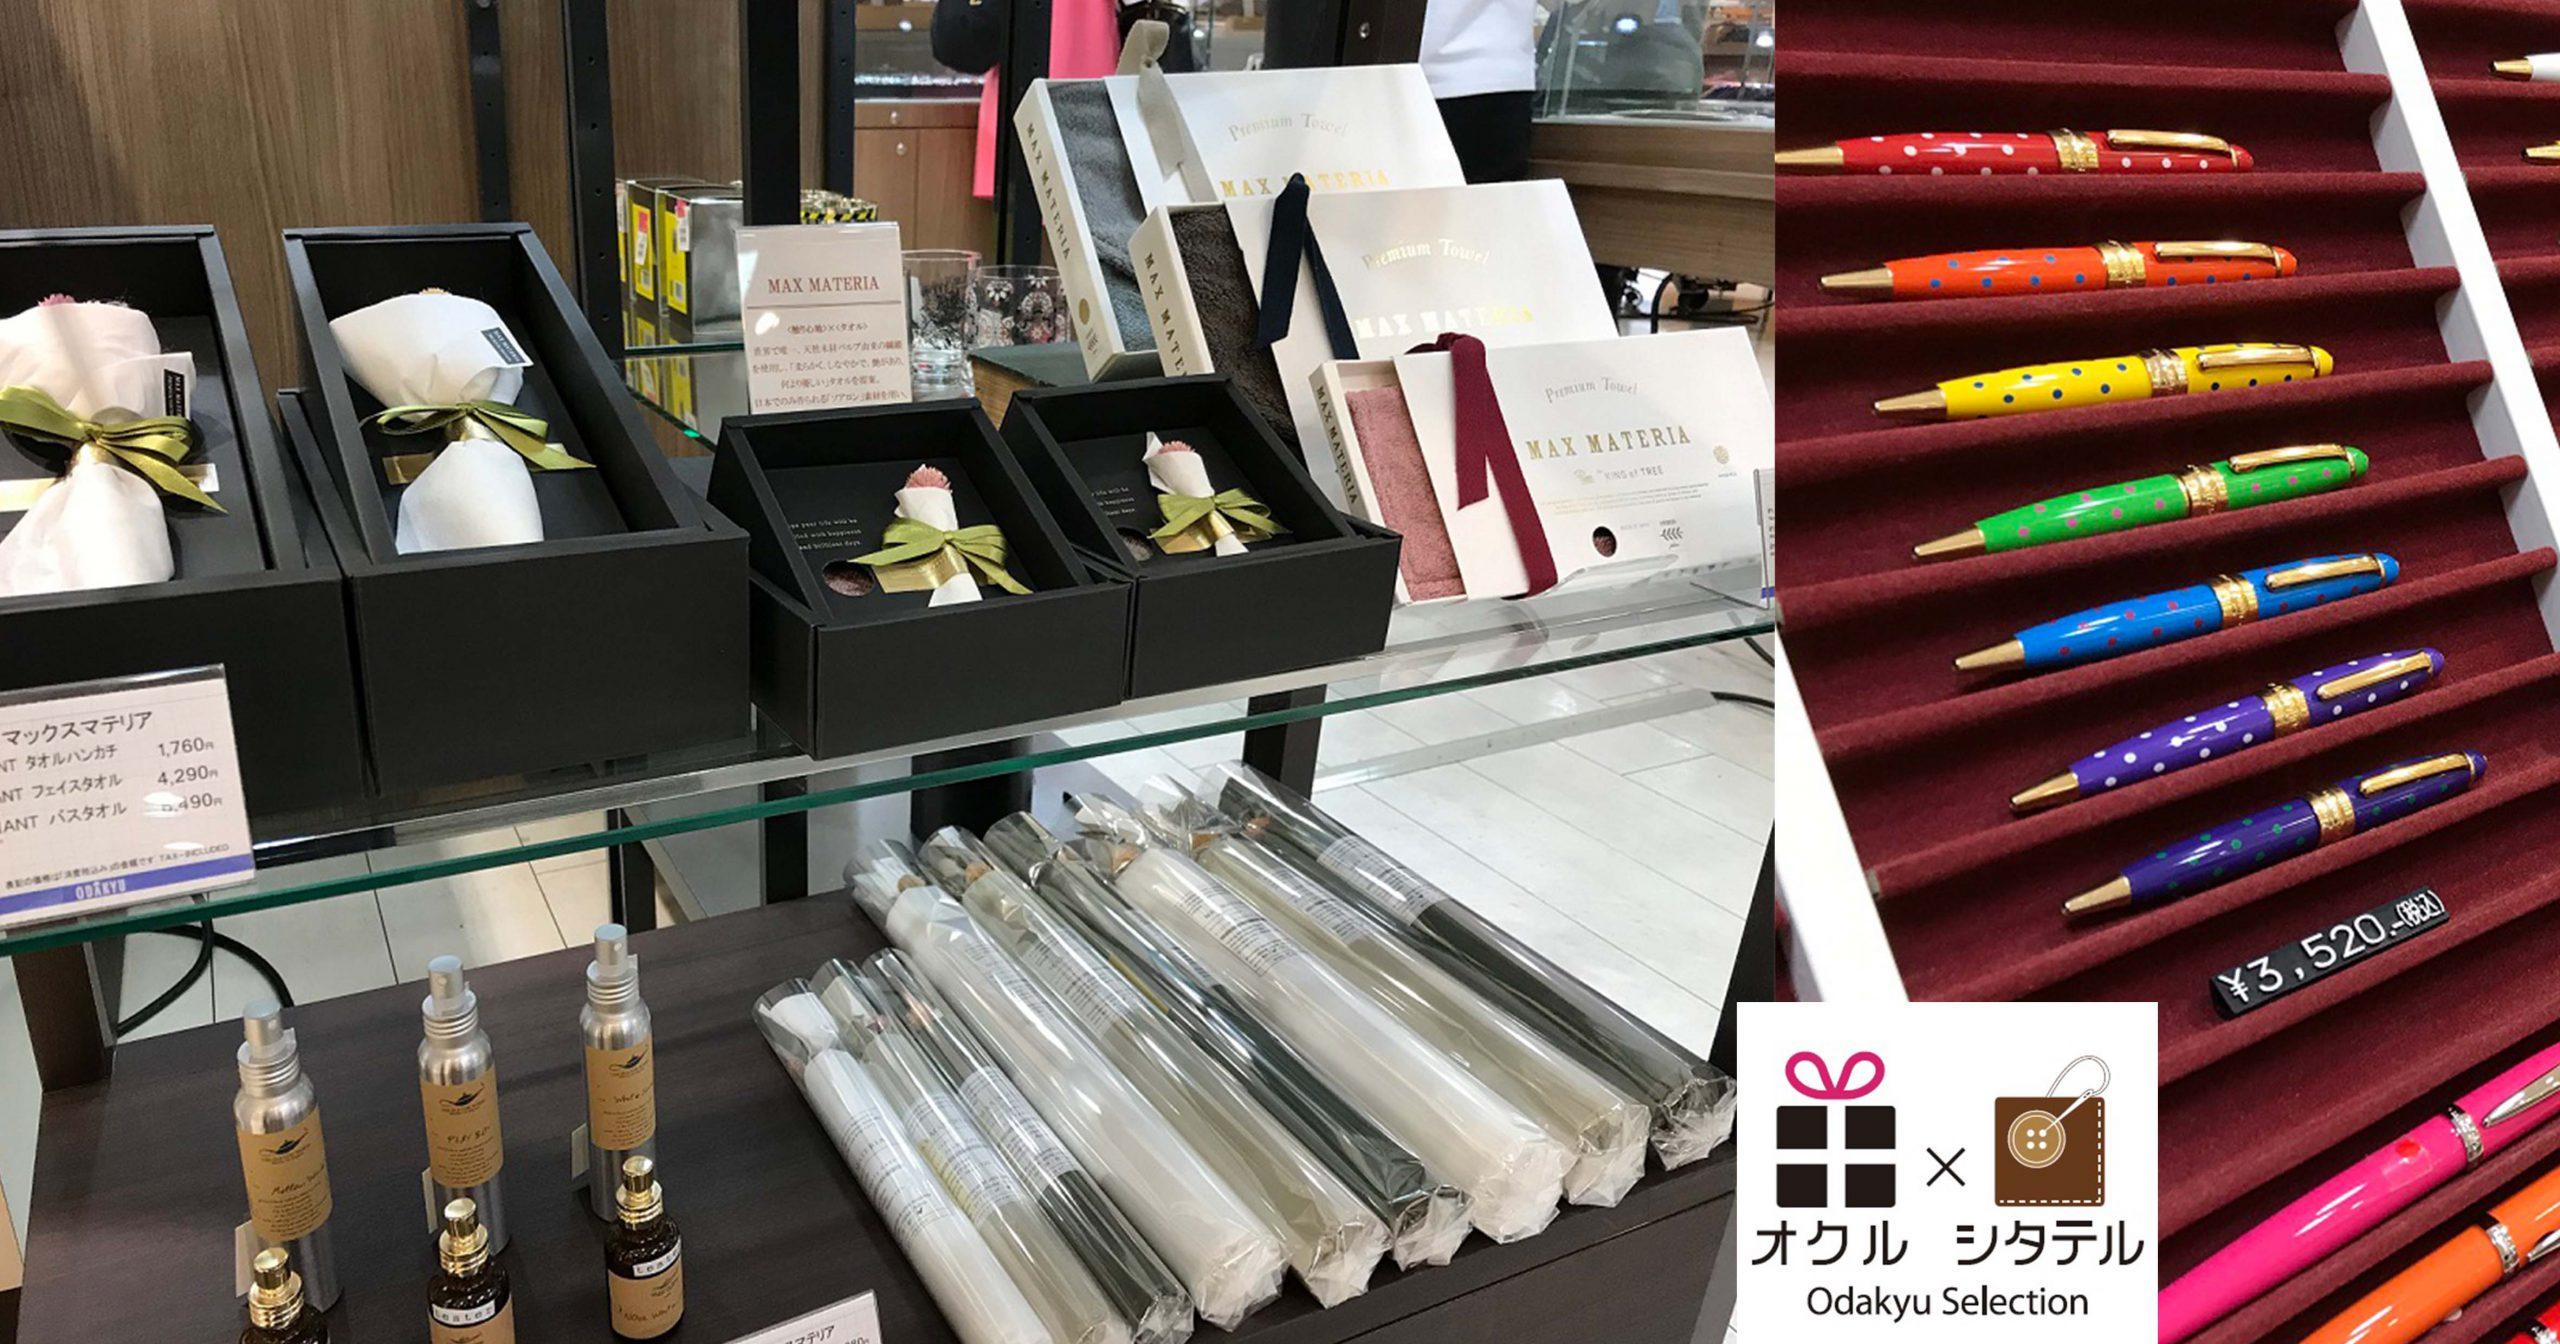 小田急百貨店 メンズ 自主編集型小型店 で eコマース連携も